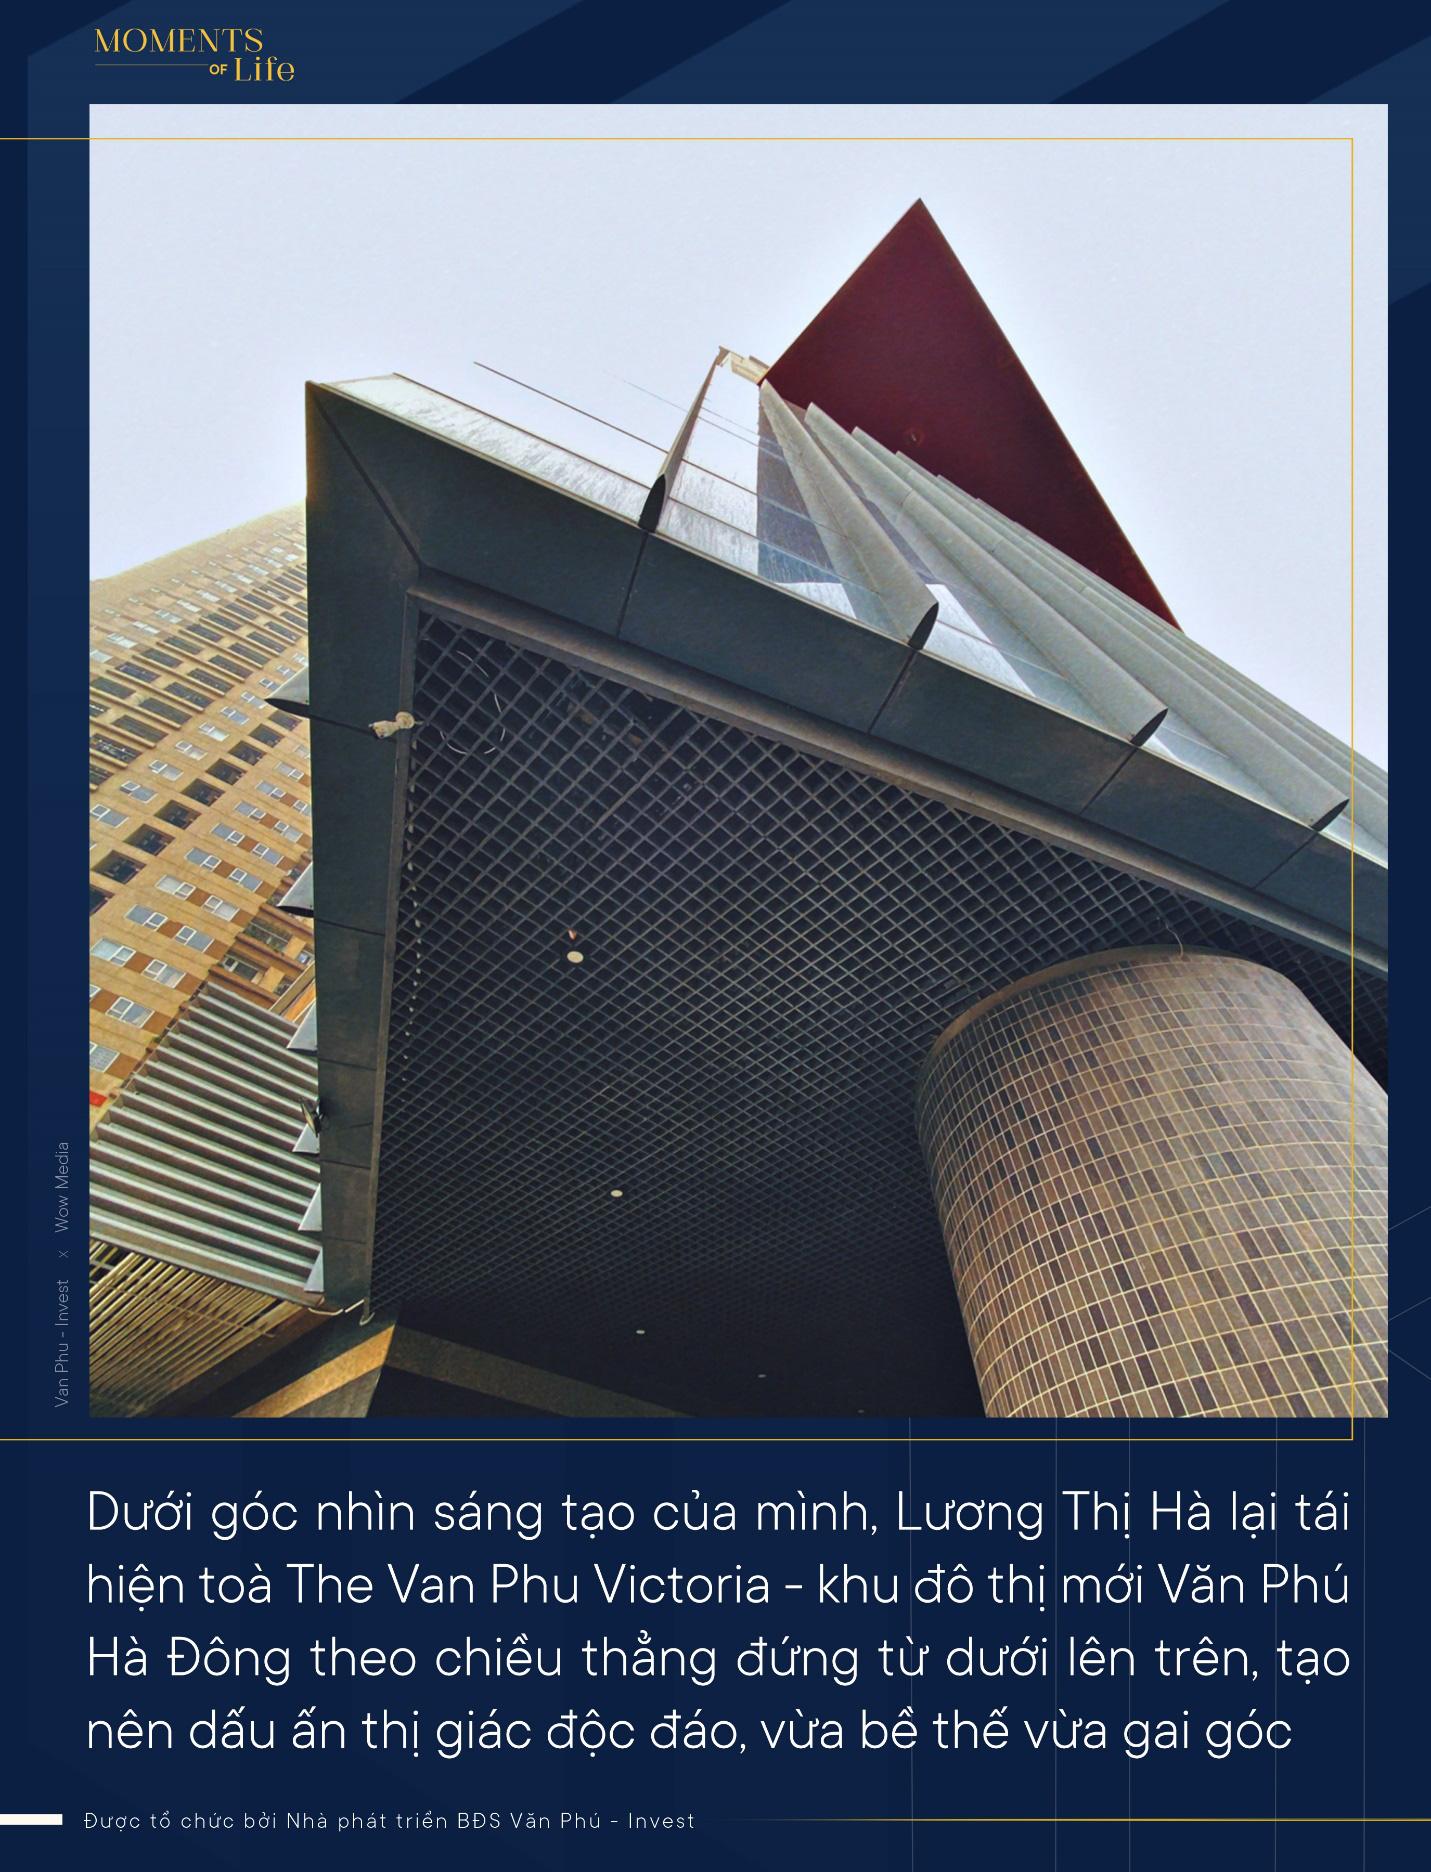 Lộ diện những góc nhìn nghệ thuật kiến trúc độc đáo trong cuộc thi Moments Of Life - Ảnh 7.